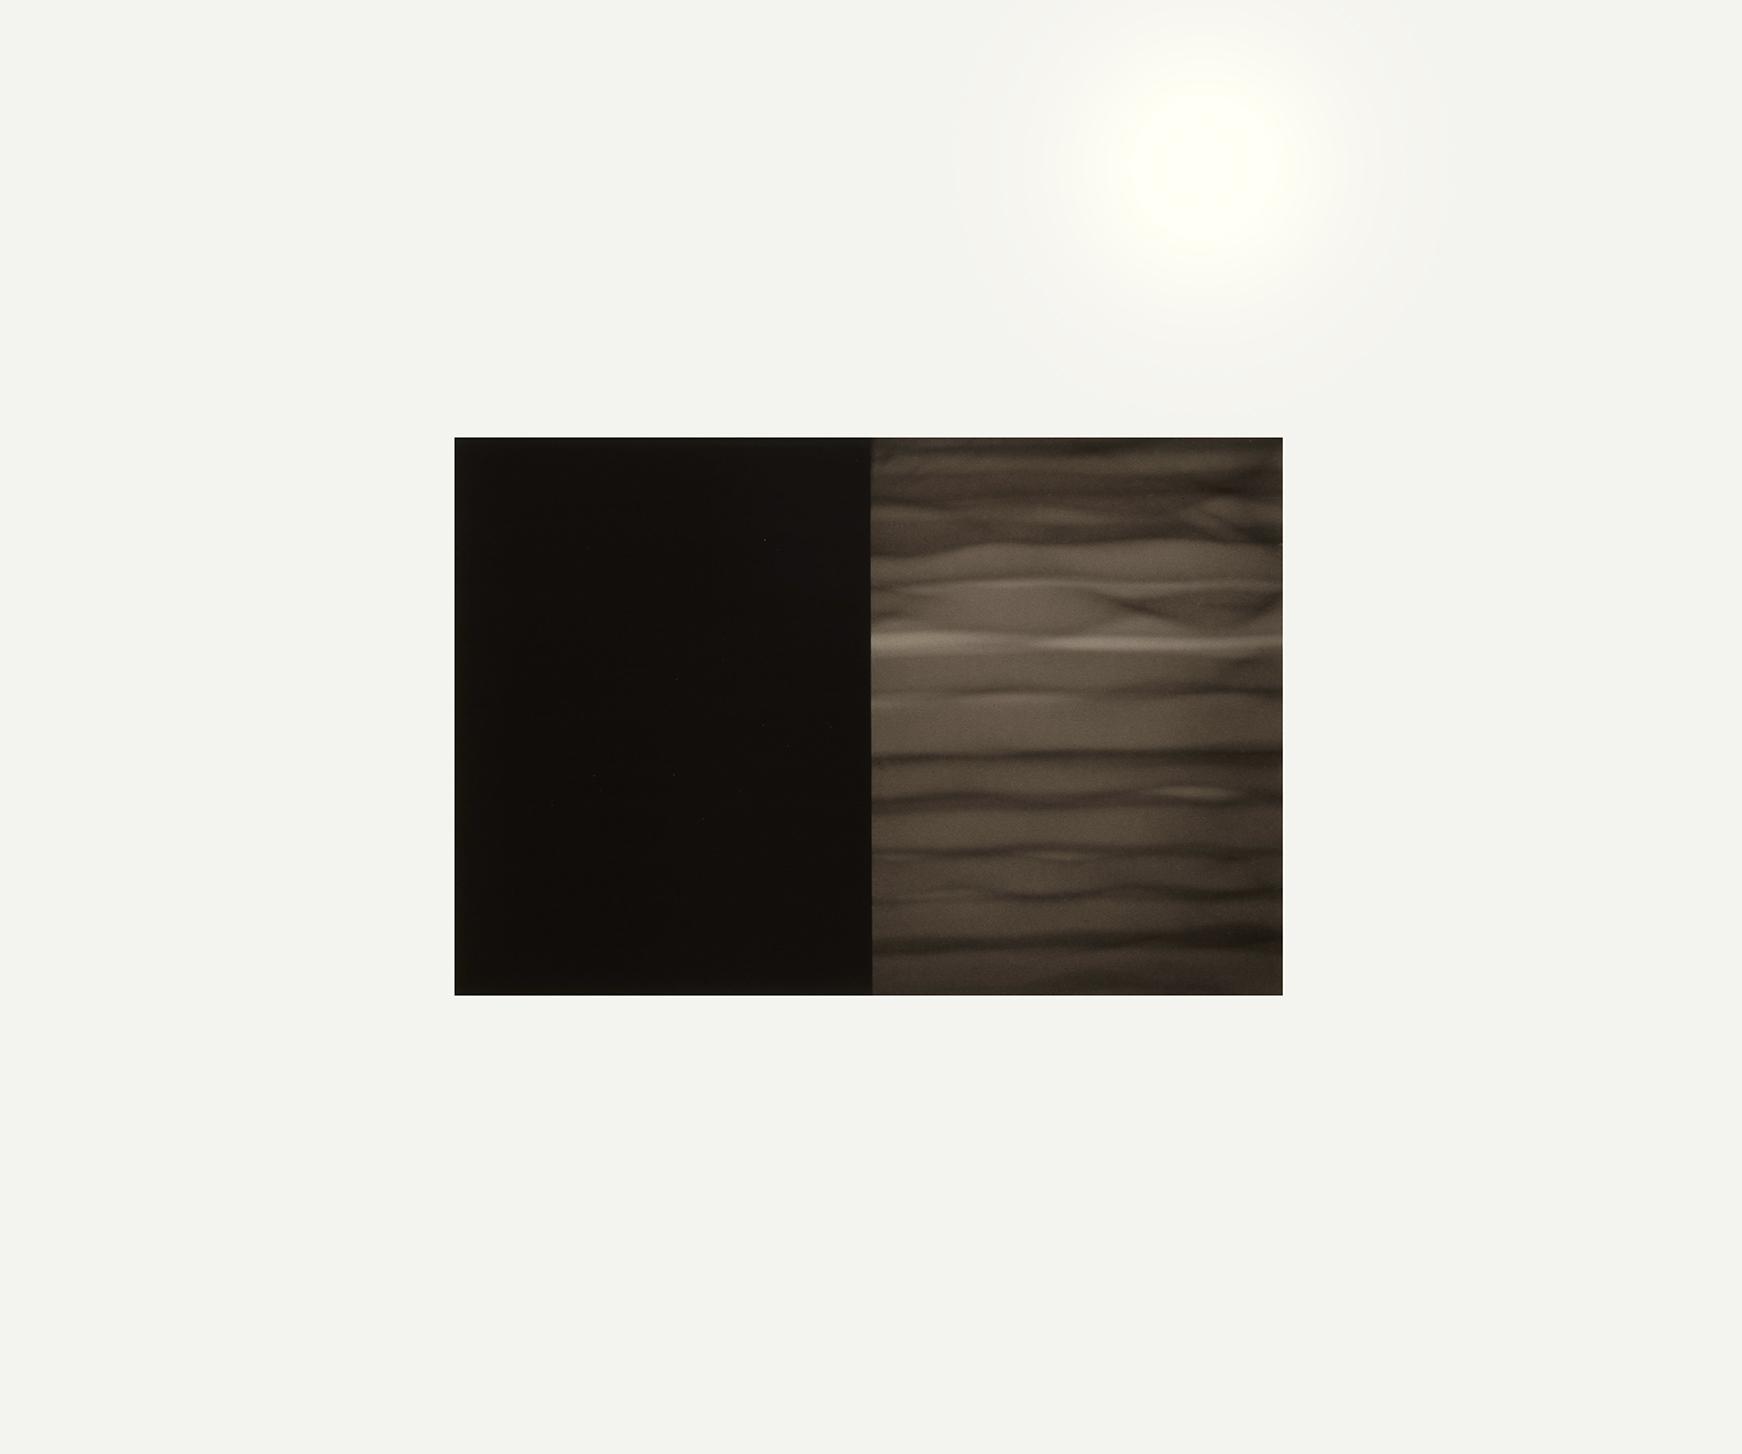 DRIFT (I)   1996  carbon deposit on 100% cotton fibre  29.0 x 34.3 cm  (private collection, UK)